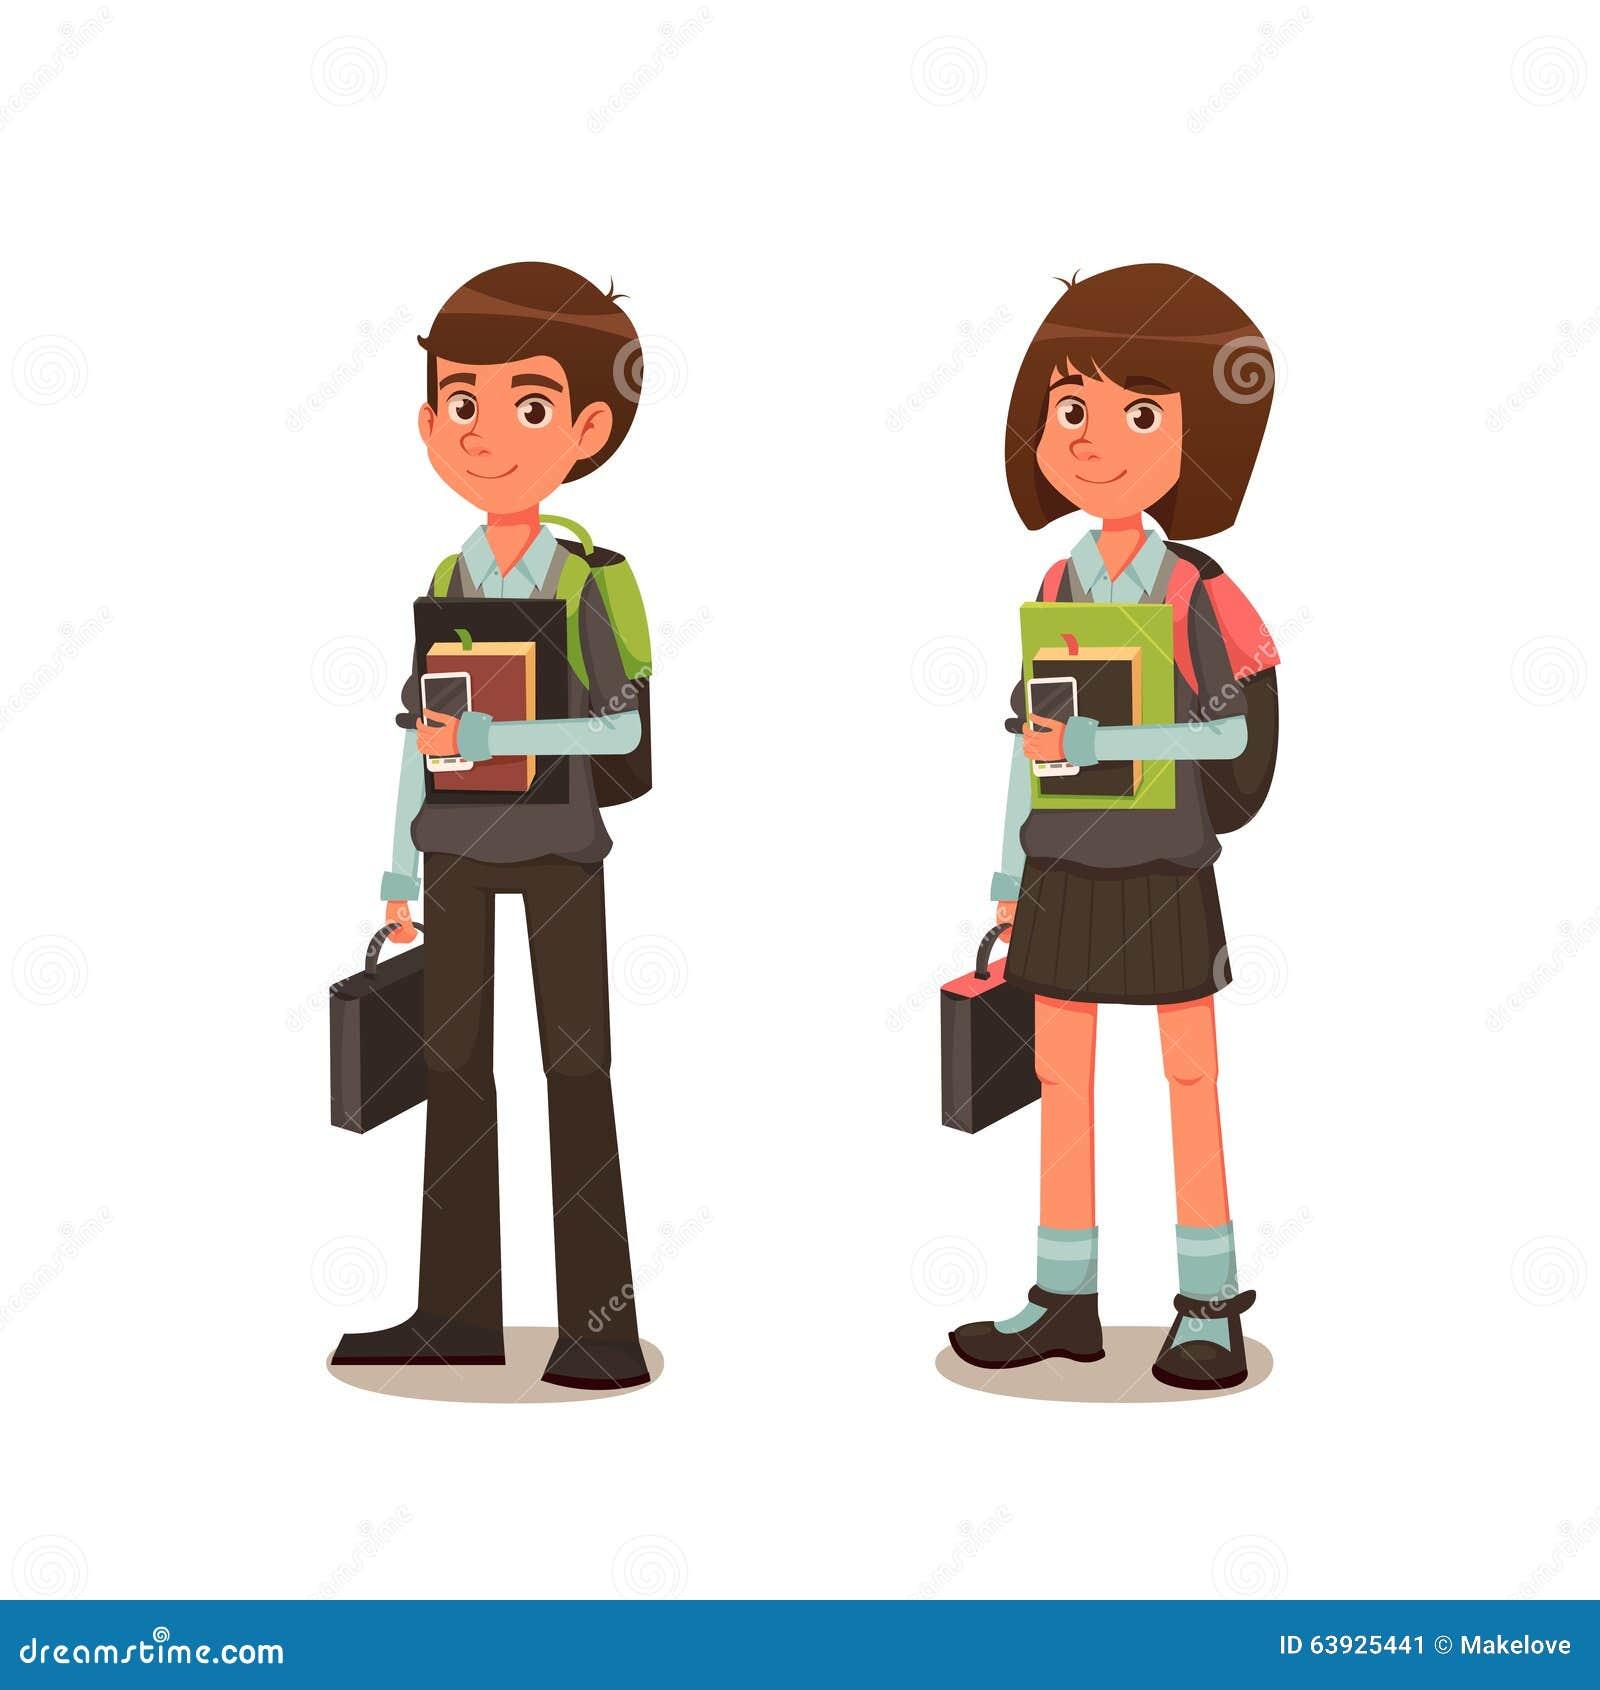 colier et coli re dans l 39 uniforme scolaire avec des livres illustration de vecteur. Black Bedroom Furniture Sets. Home Design Ideas